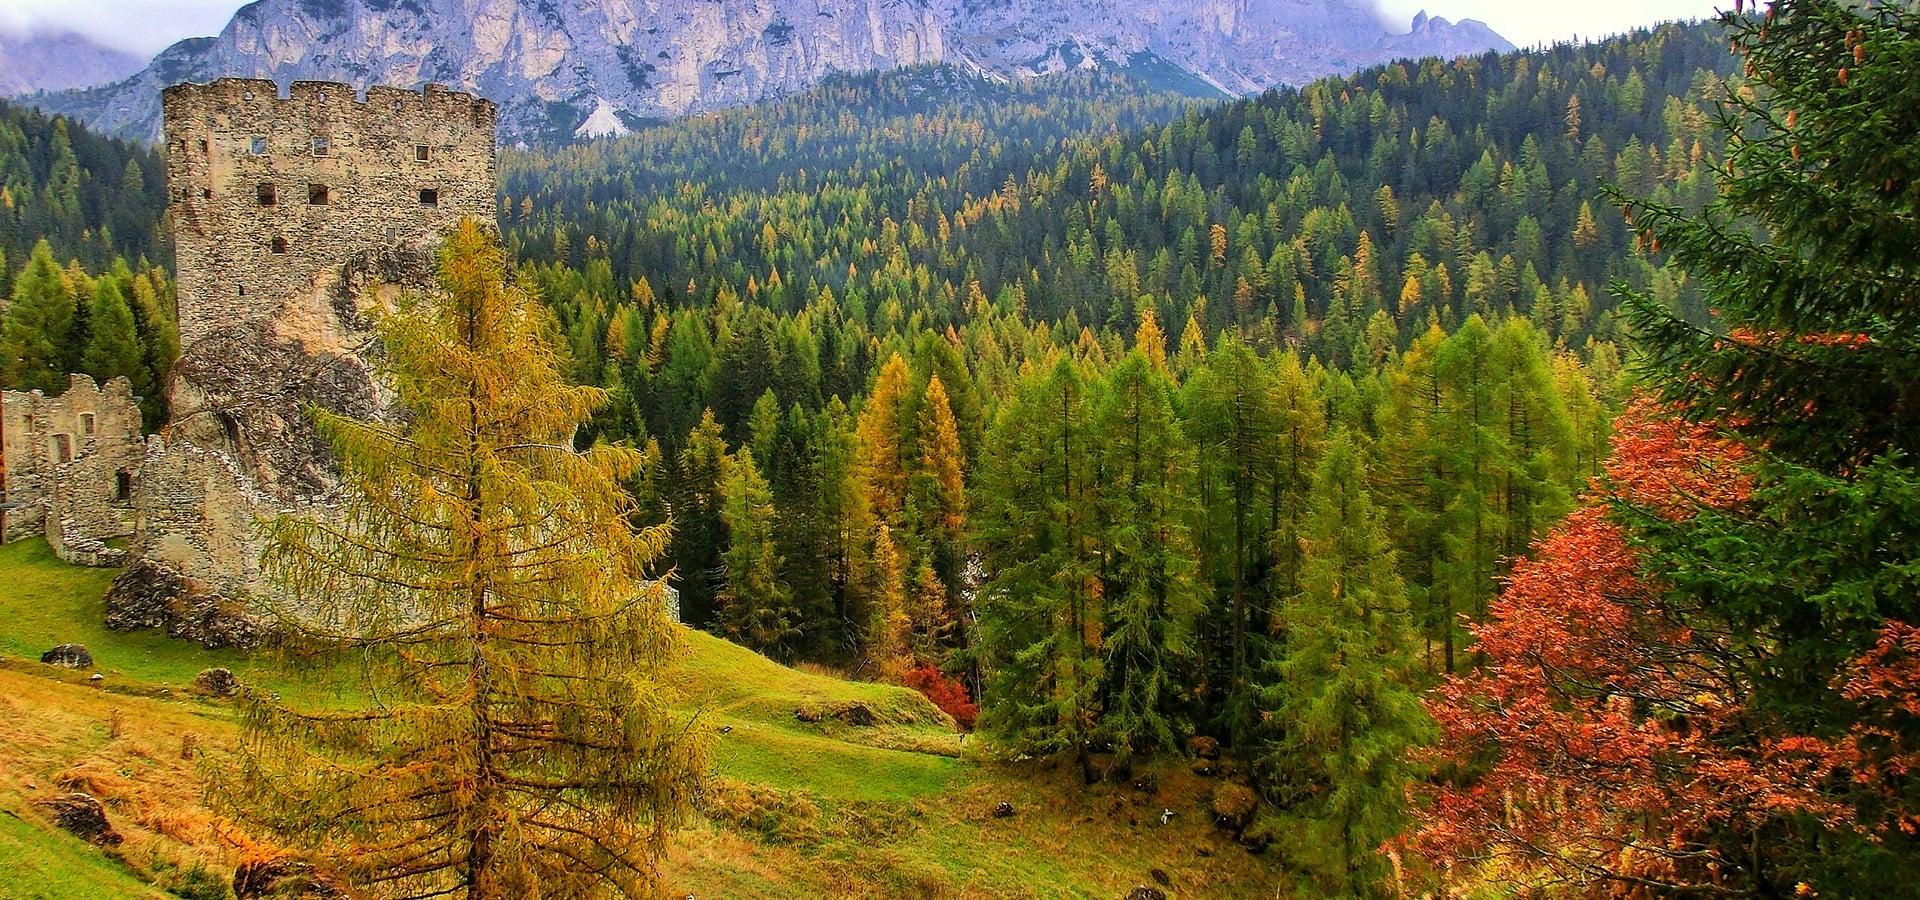 Copia di Herbst in den Dolomiten von Arabba